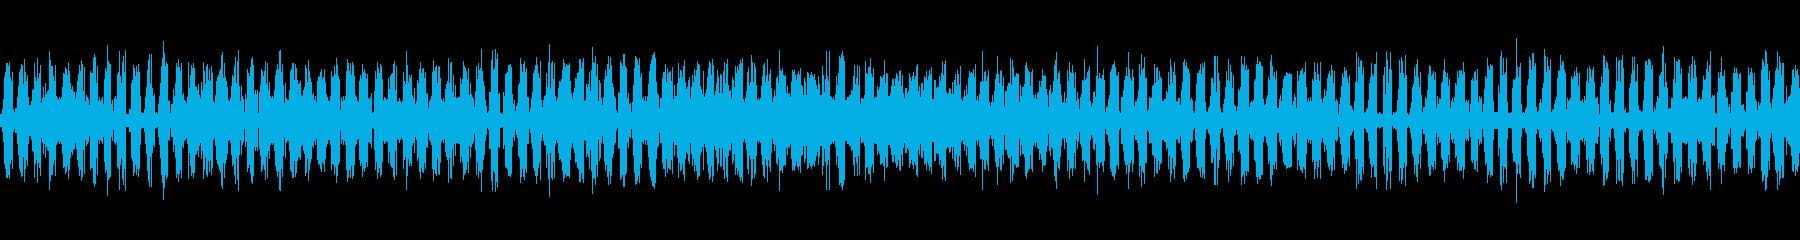 【生録音】ループで使える秋の虫の声 10の再生済みの波形